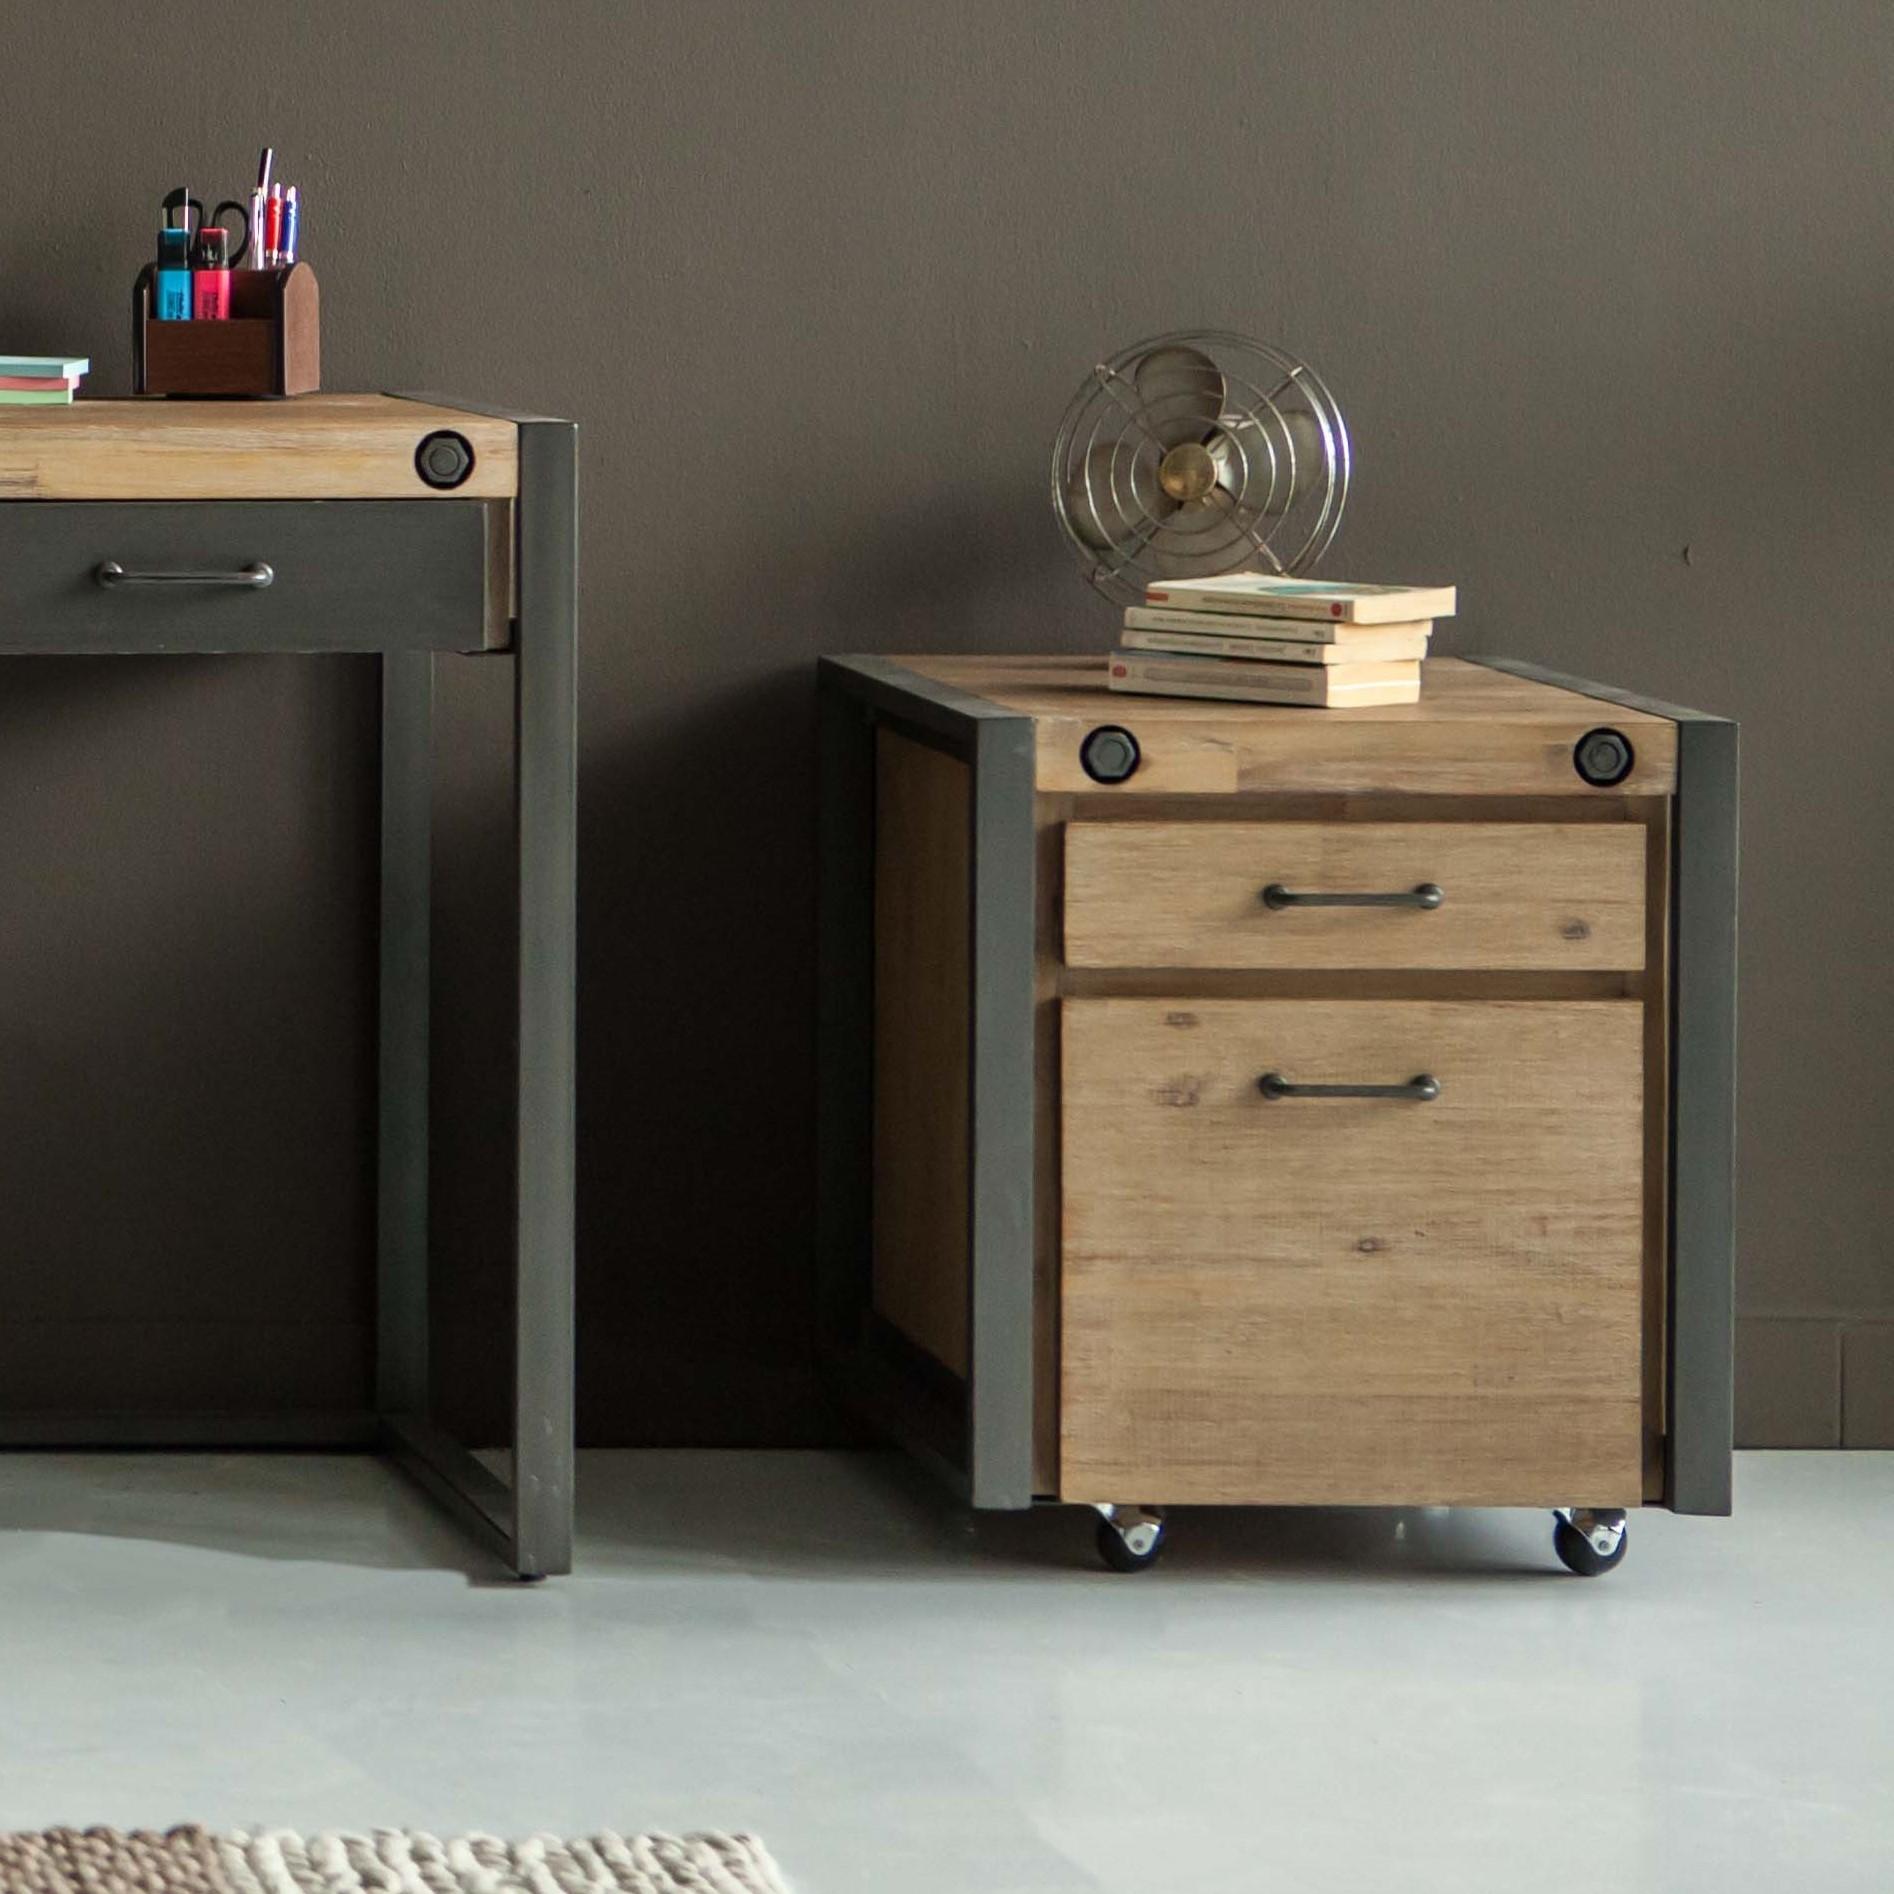 meuble bas caisson de bureau a roulettes inspiration indus en acacia et metal 2 tiroirs 51x60x60cm brooklyn